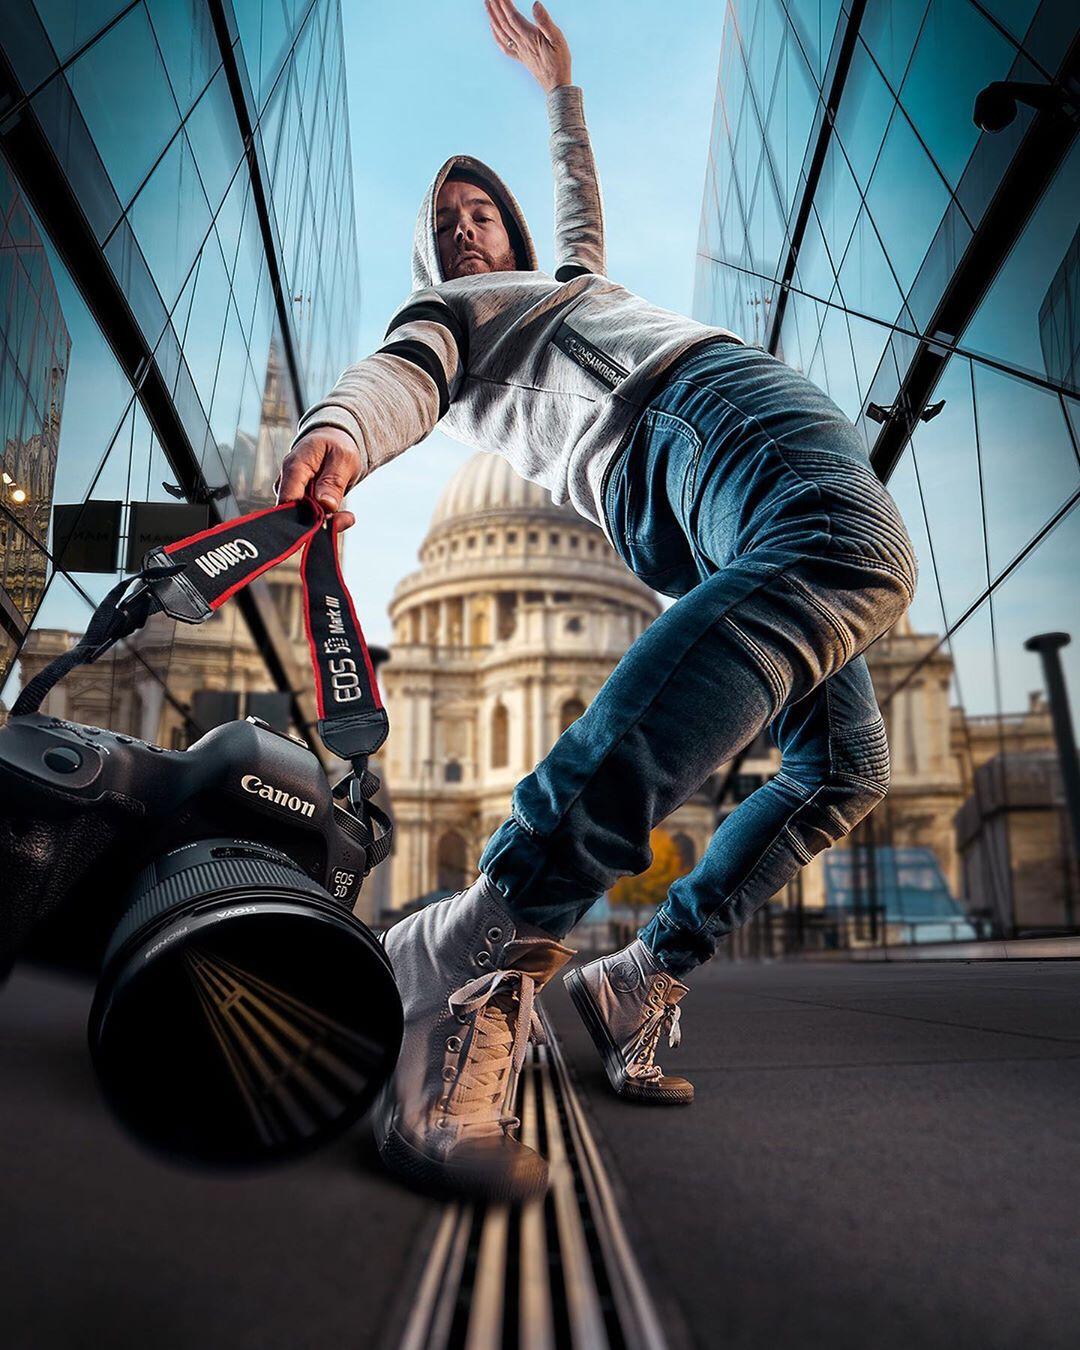 Британский фотограф Марк МакГи - мастер динамичных фотосессий